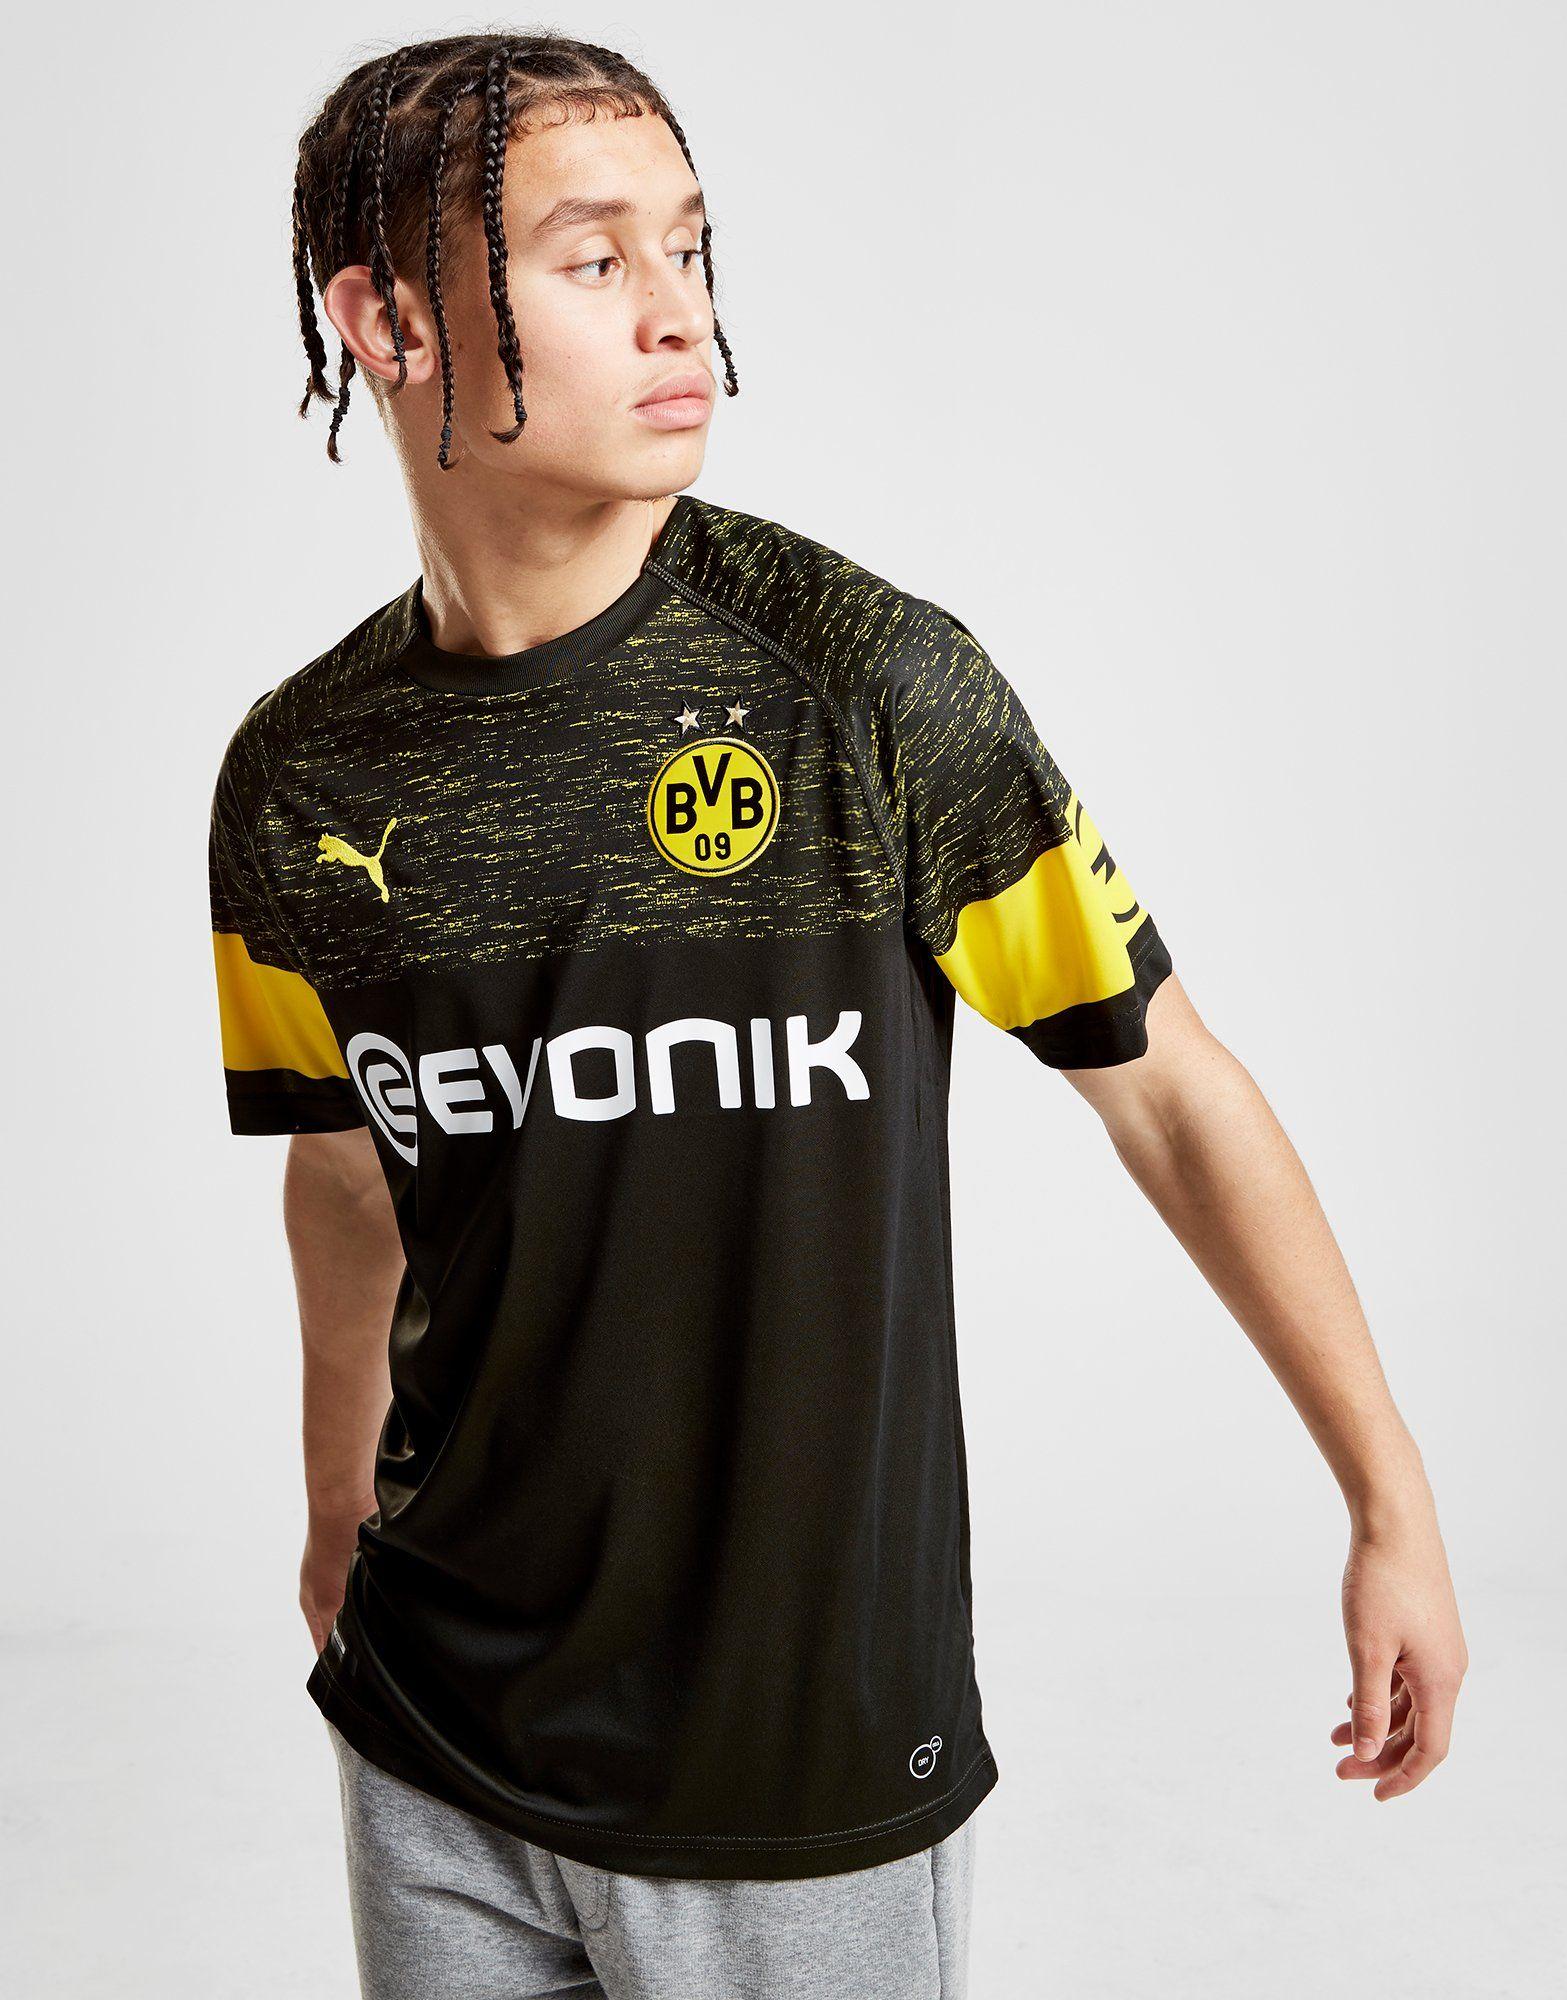 PUMA Borussia Dortmund 2018/19 Away Shirt